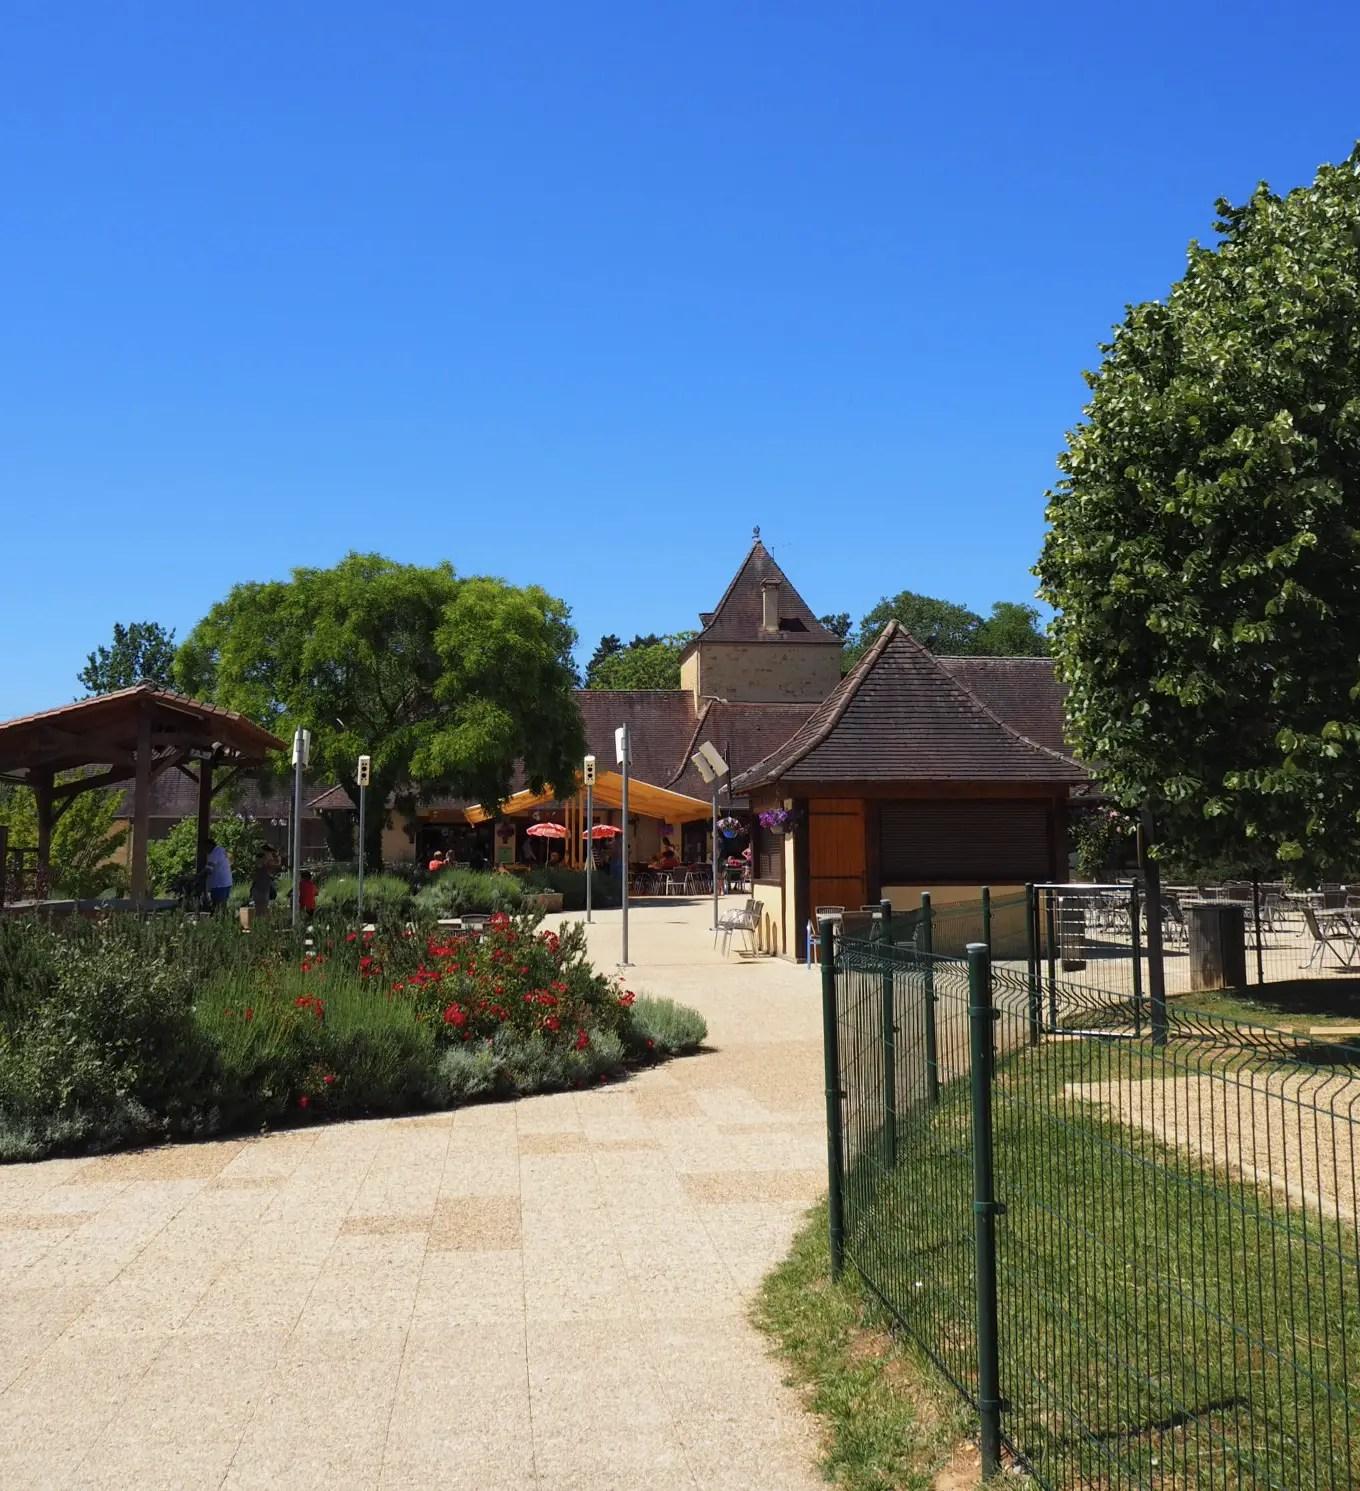 St Avit Loisirs, Le Bugue, Dordogne